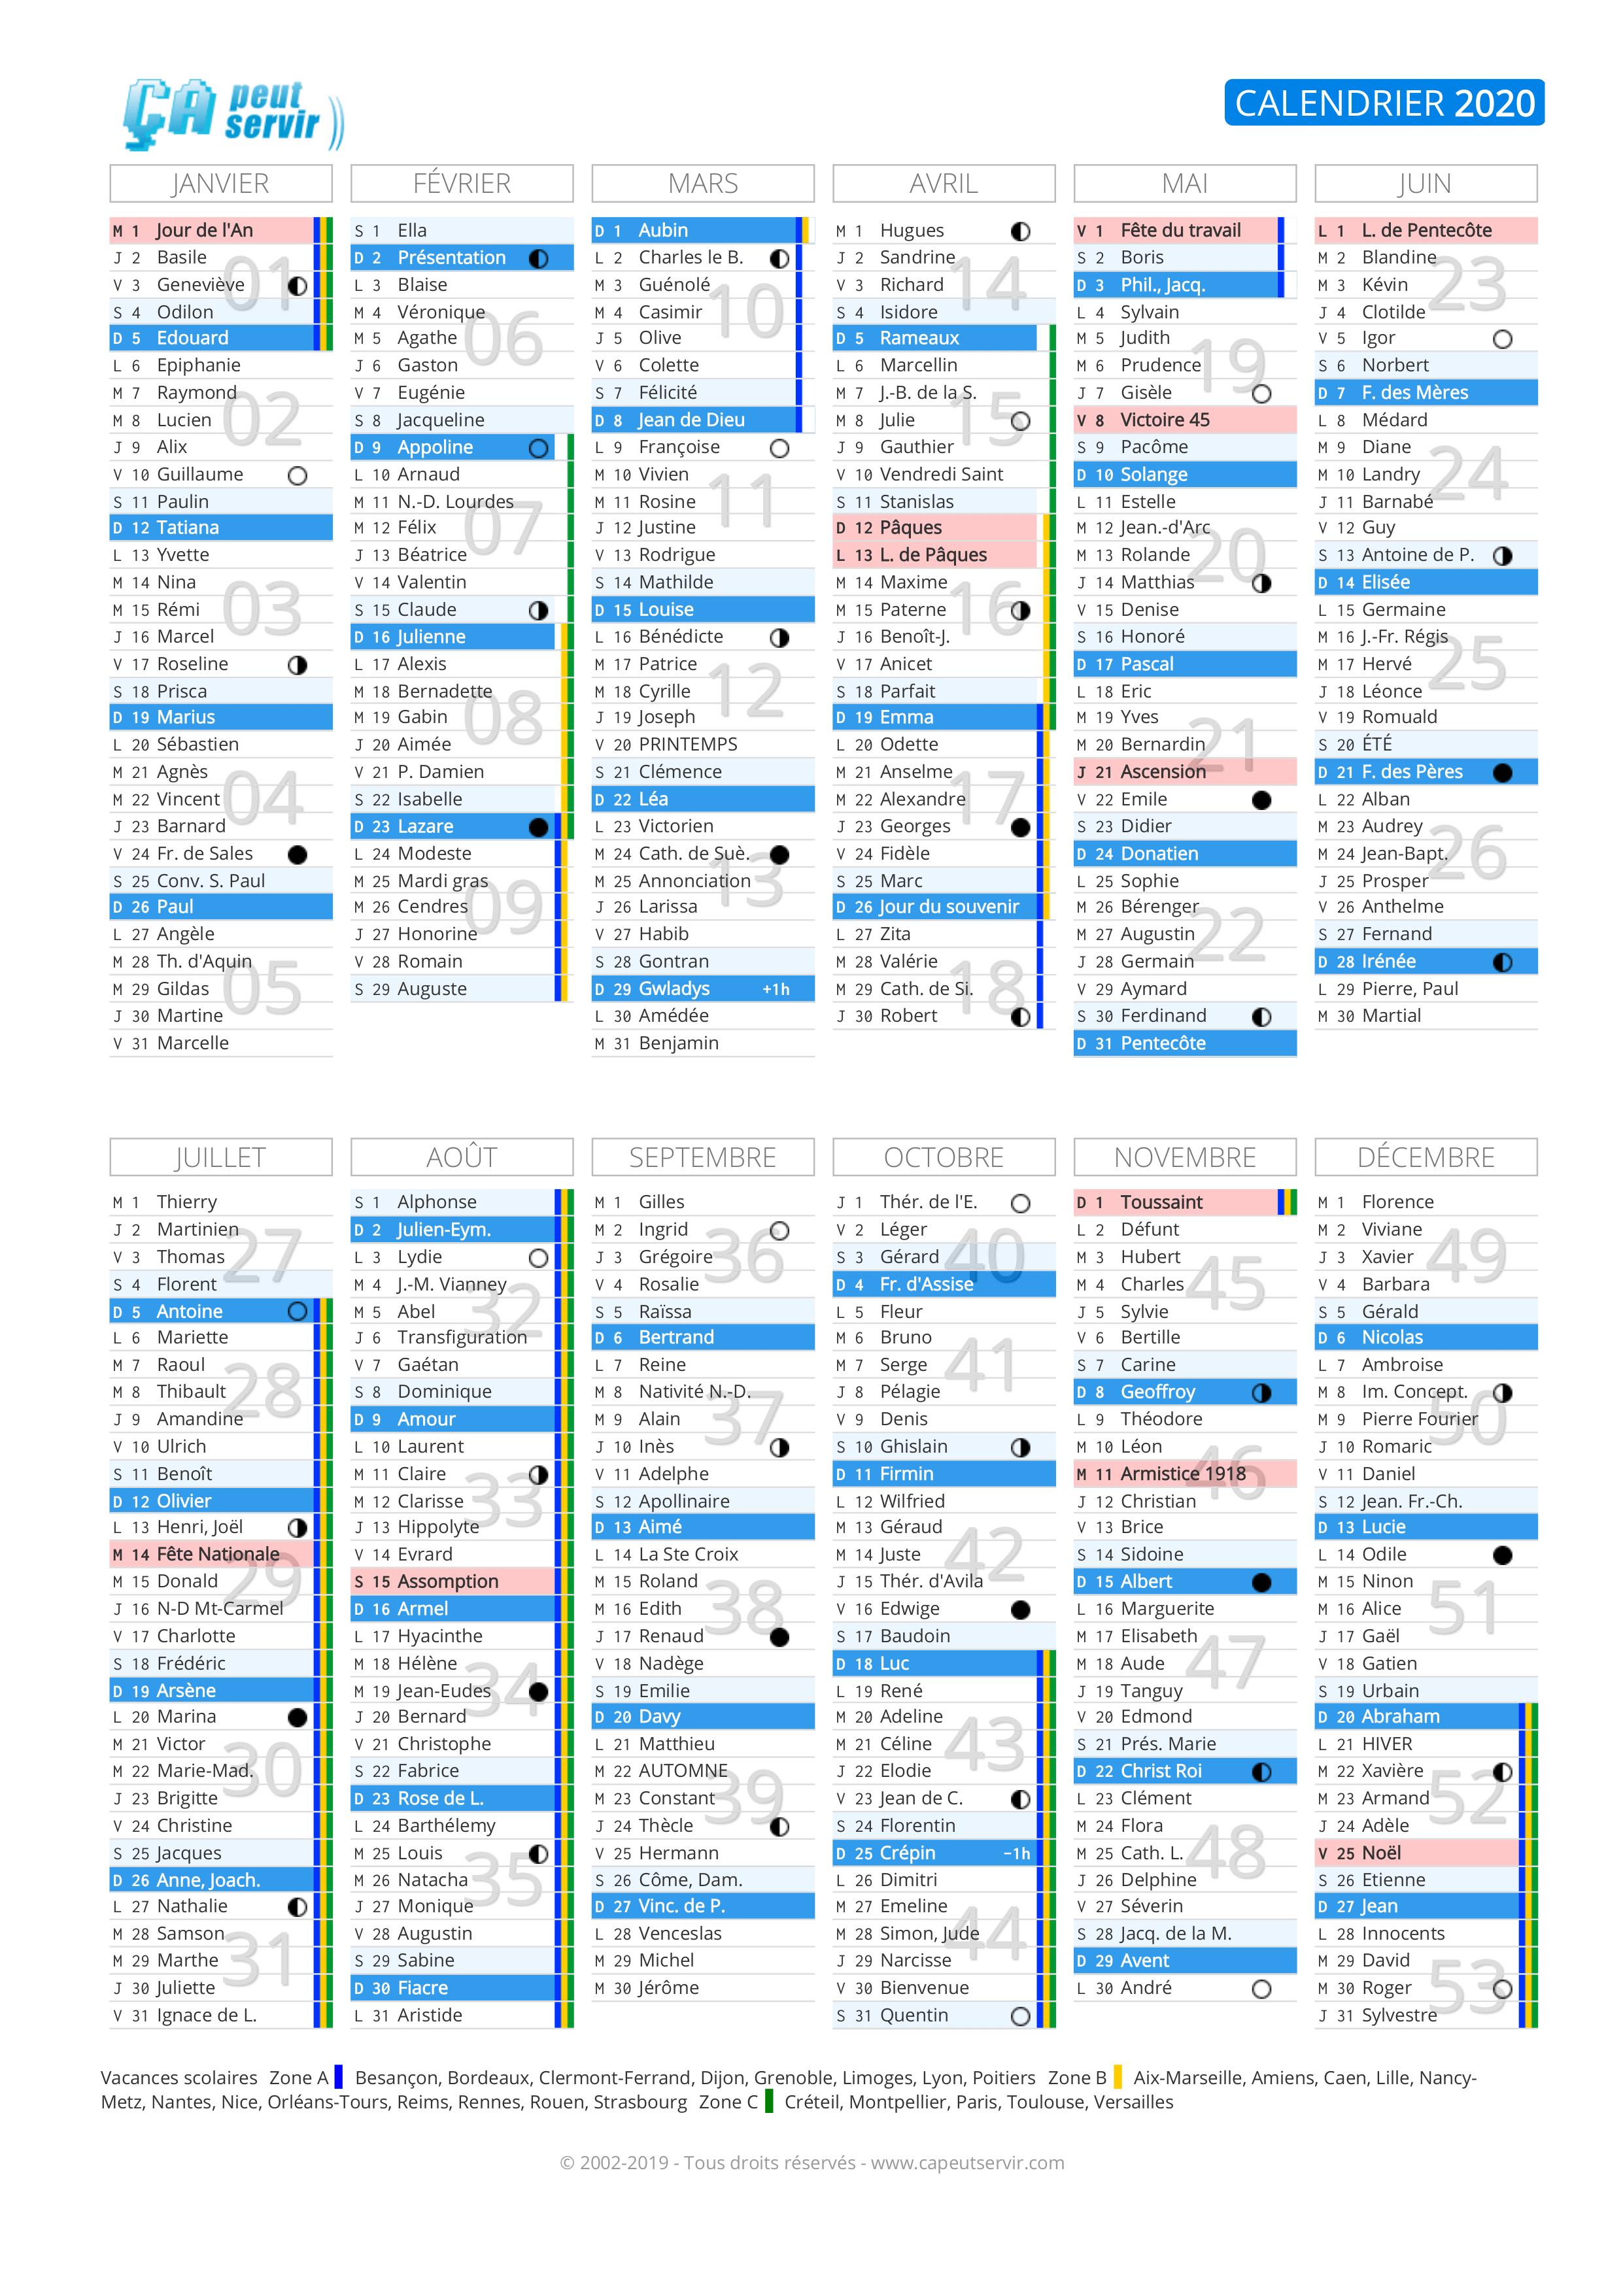 Calendrier 2020 : Vacances, jours fériés, numéros de semaine